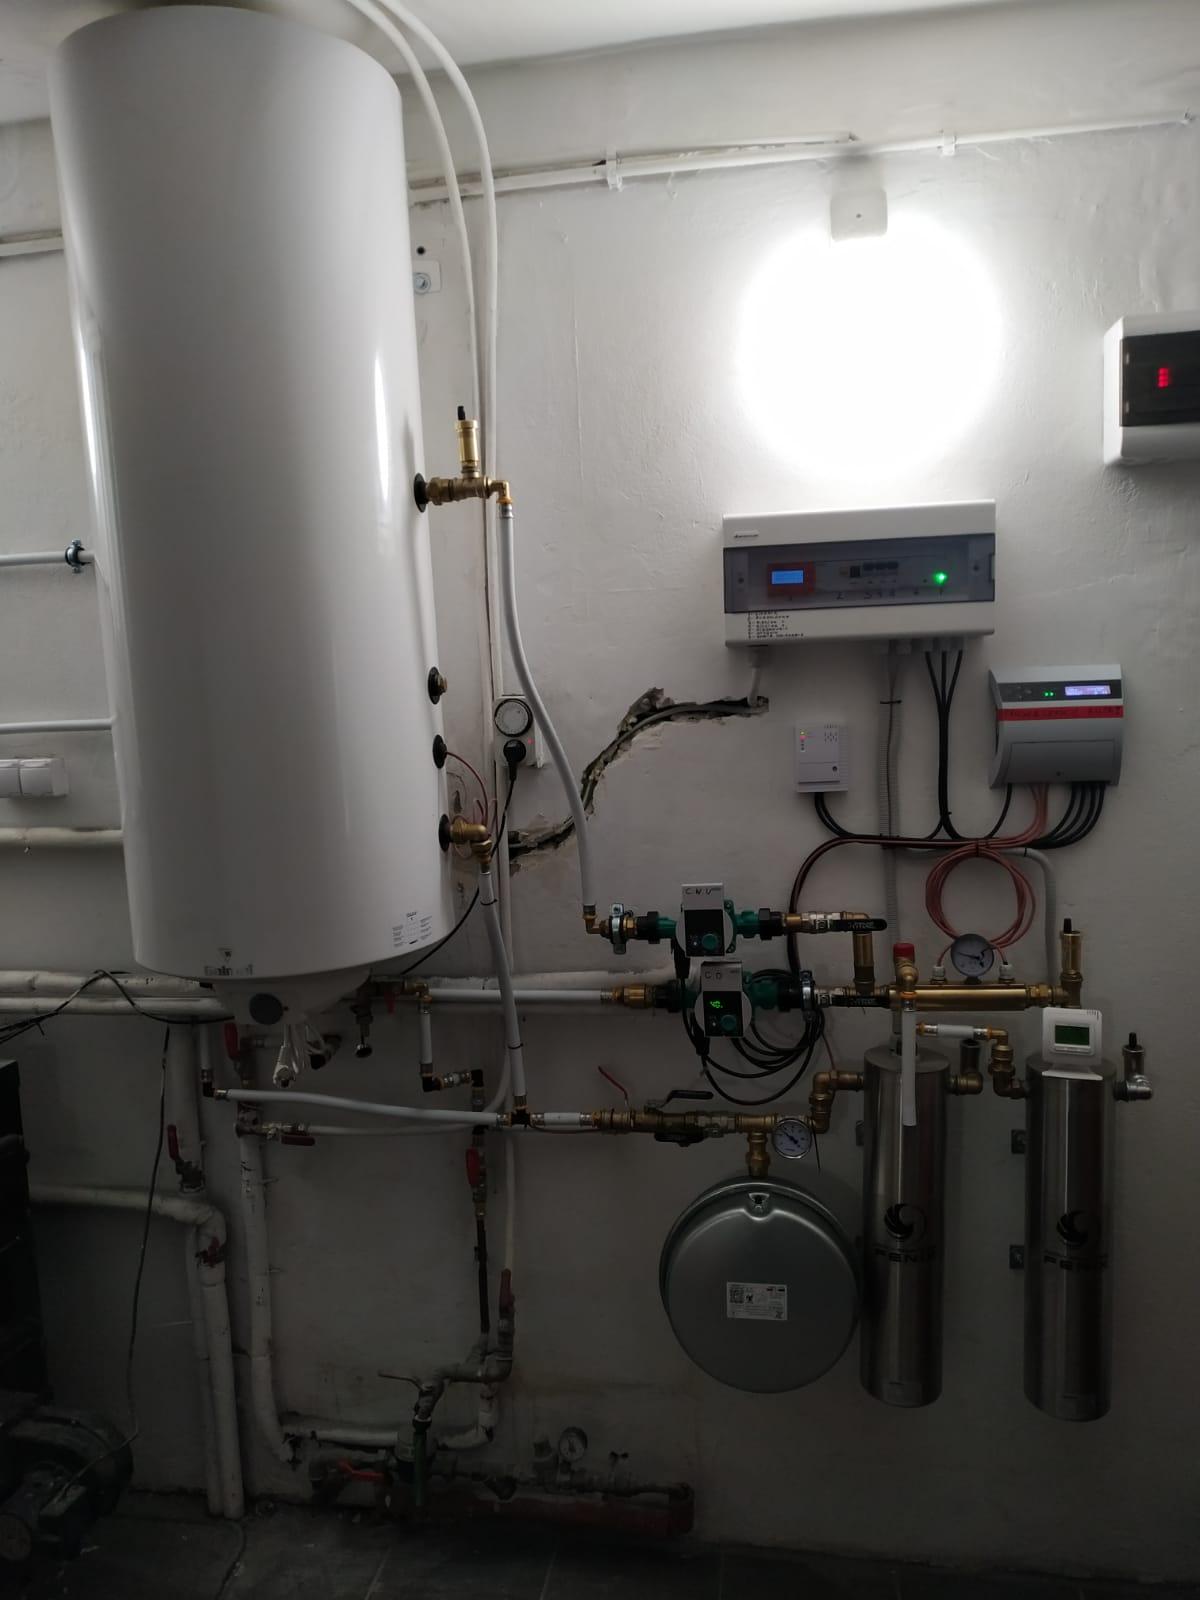 Zaborcze 9 kW